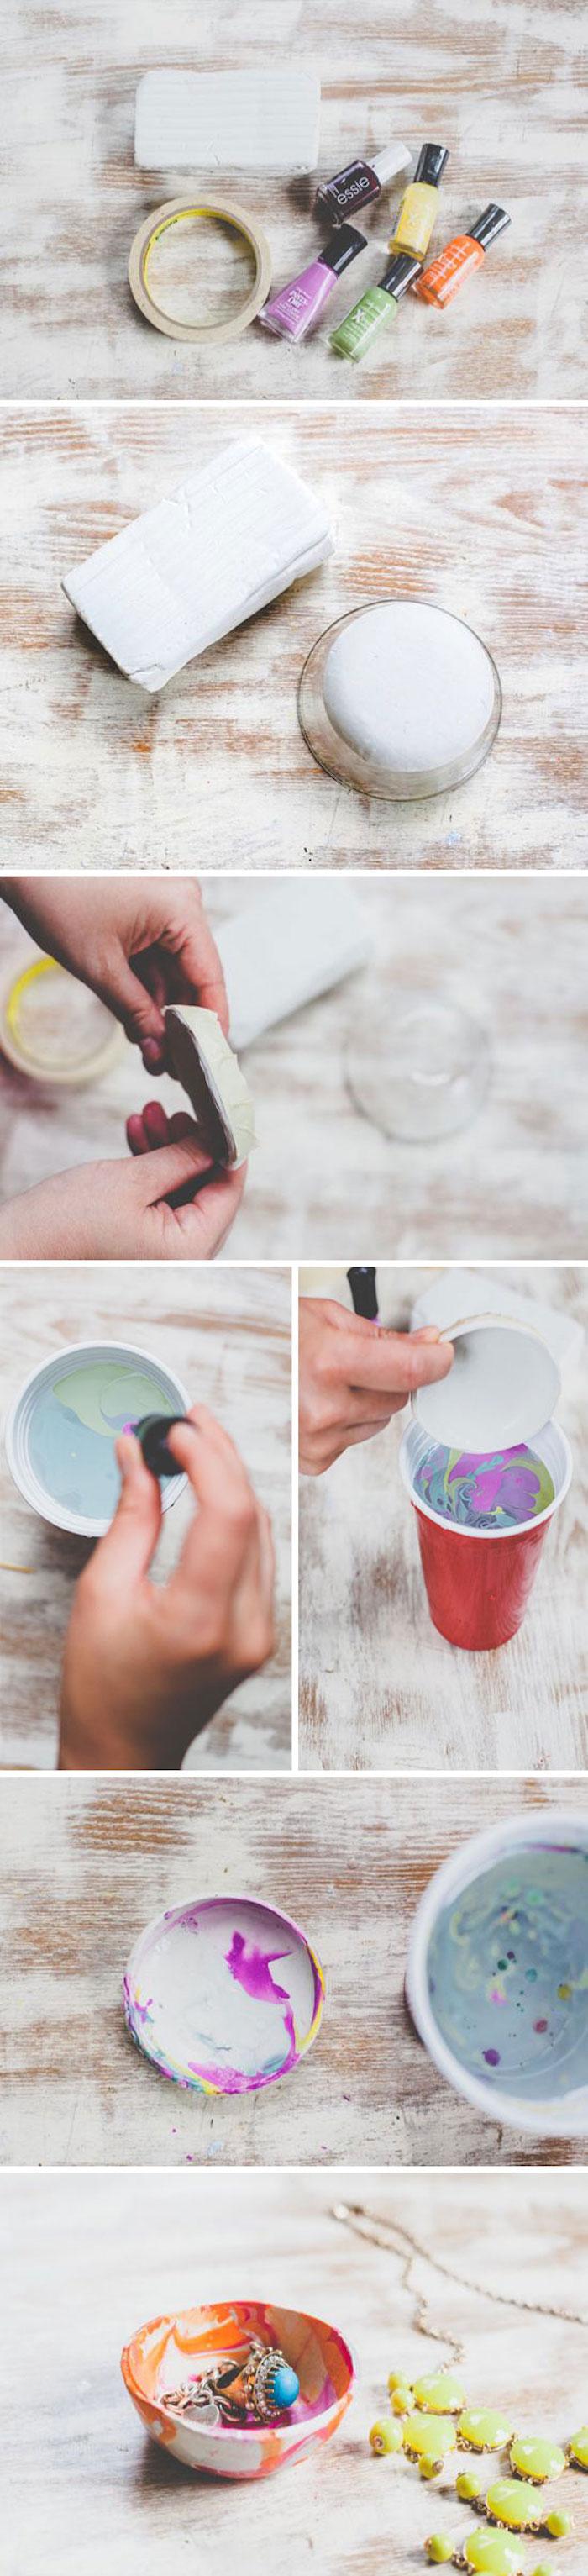 Kleine Schüssel aus Modelliermasse selber machen, mit Nagellack dekorieren, Geschenk zum Selbermachen